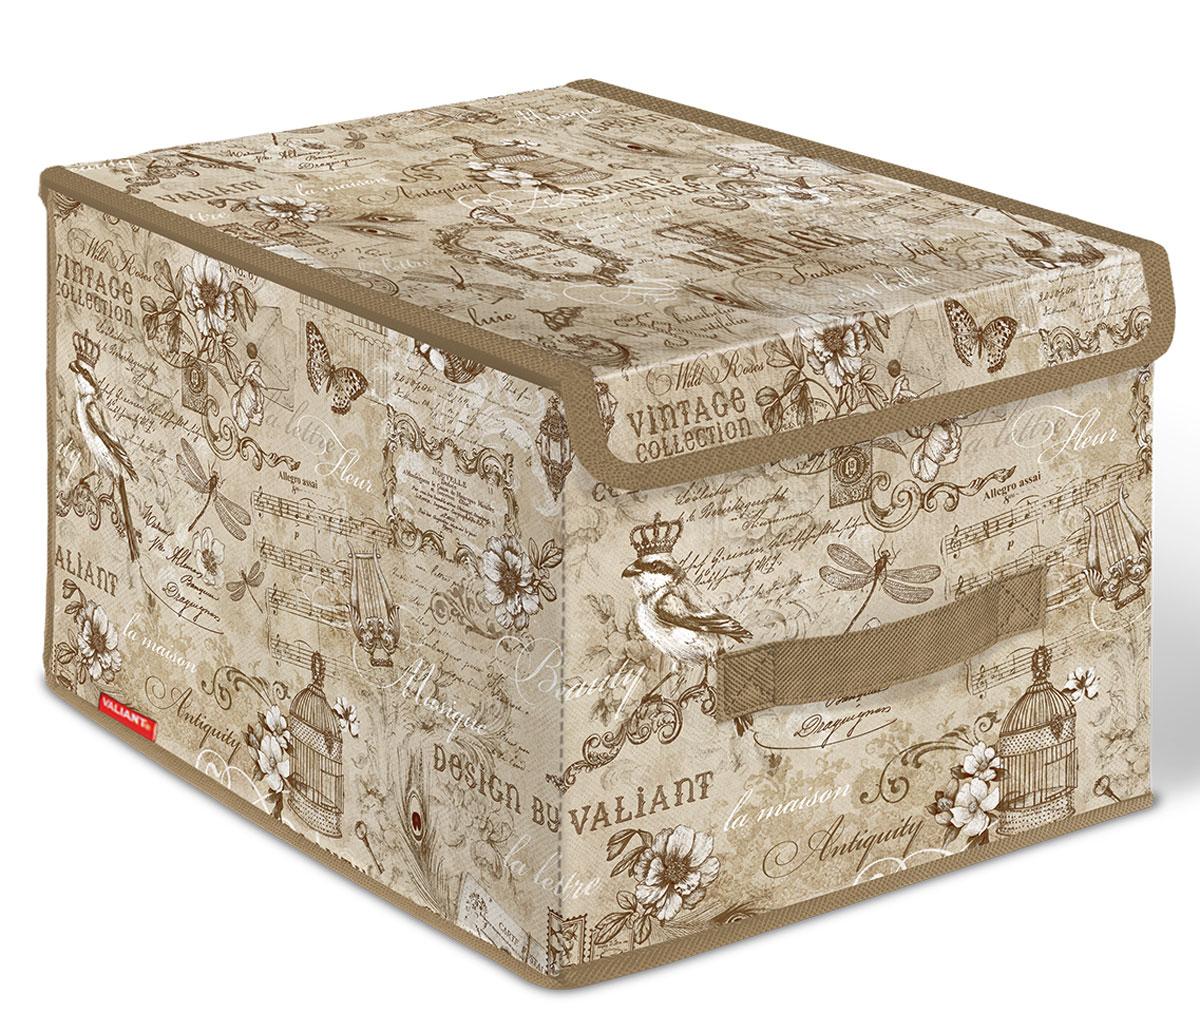 Короб стеллажный Valiant Vintage, с крышкой, 30 x 40 x 25 смRG-D31SСтеллажный короб Valiant Vintage изготовлен из высококачественного нетканого материала, который обеспечивает естественную вентиляцию, позволяя воздуху проникать внутрь, но не пропускает пыль. Вставки из плотного картона хорошо держат форму. Короб снабжен специальной крышкой, которая фиксируется с помощью двух магнитов. Изделие отличается мобильностью: легко раскладывается и складывается. В таком коробе удобно хранить одежду, белье и мелкие аксессуары.Системы хранения в едином дизайне сделают вашу гардеробную изысканной и невероятно стильной.